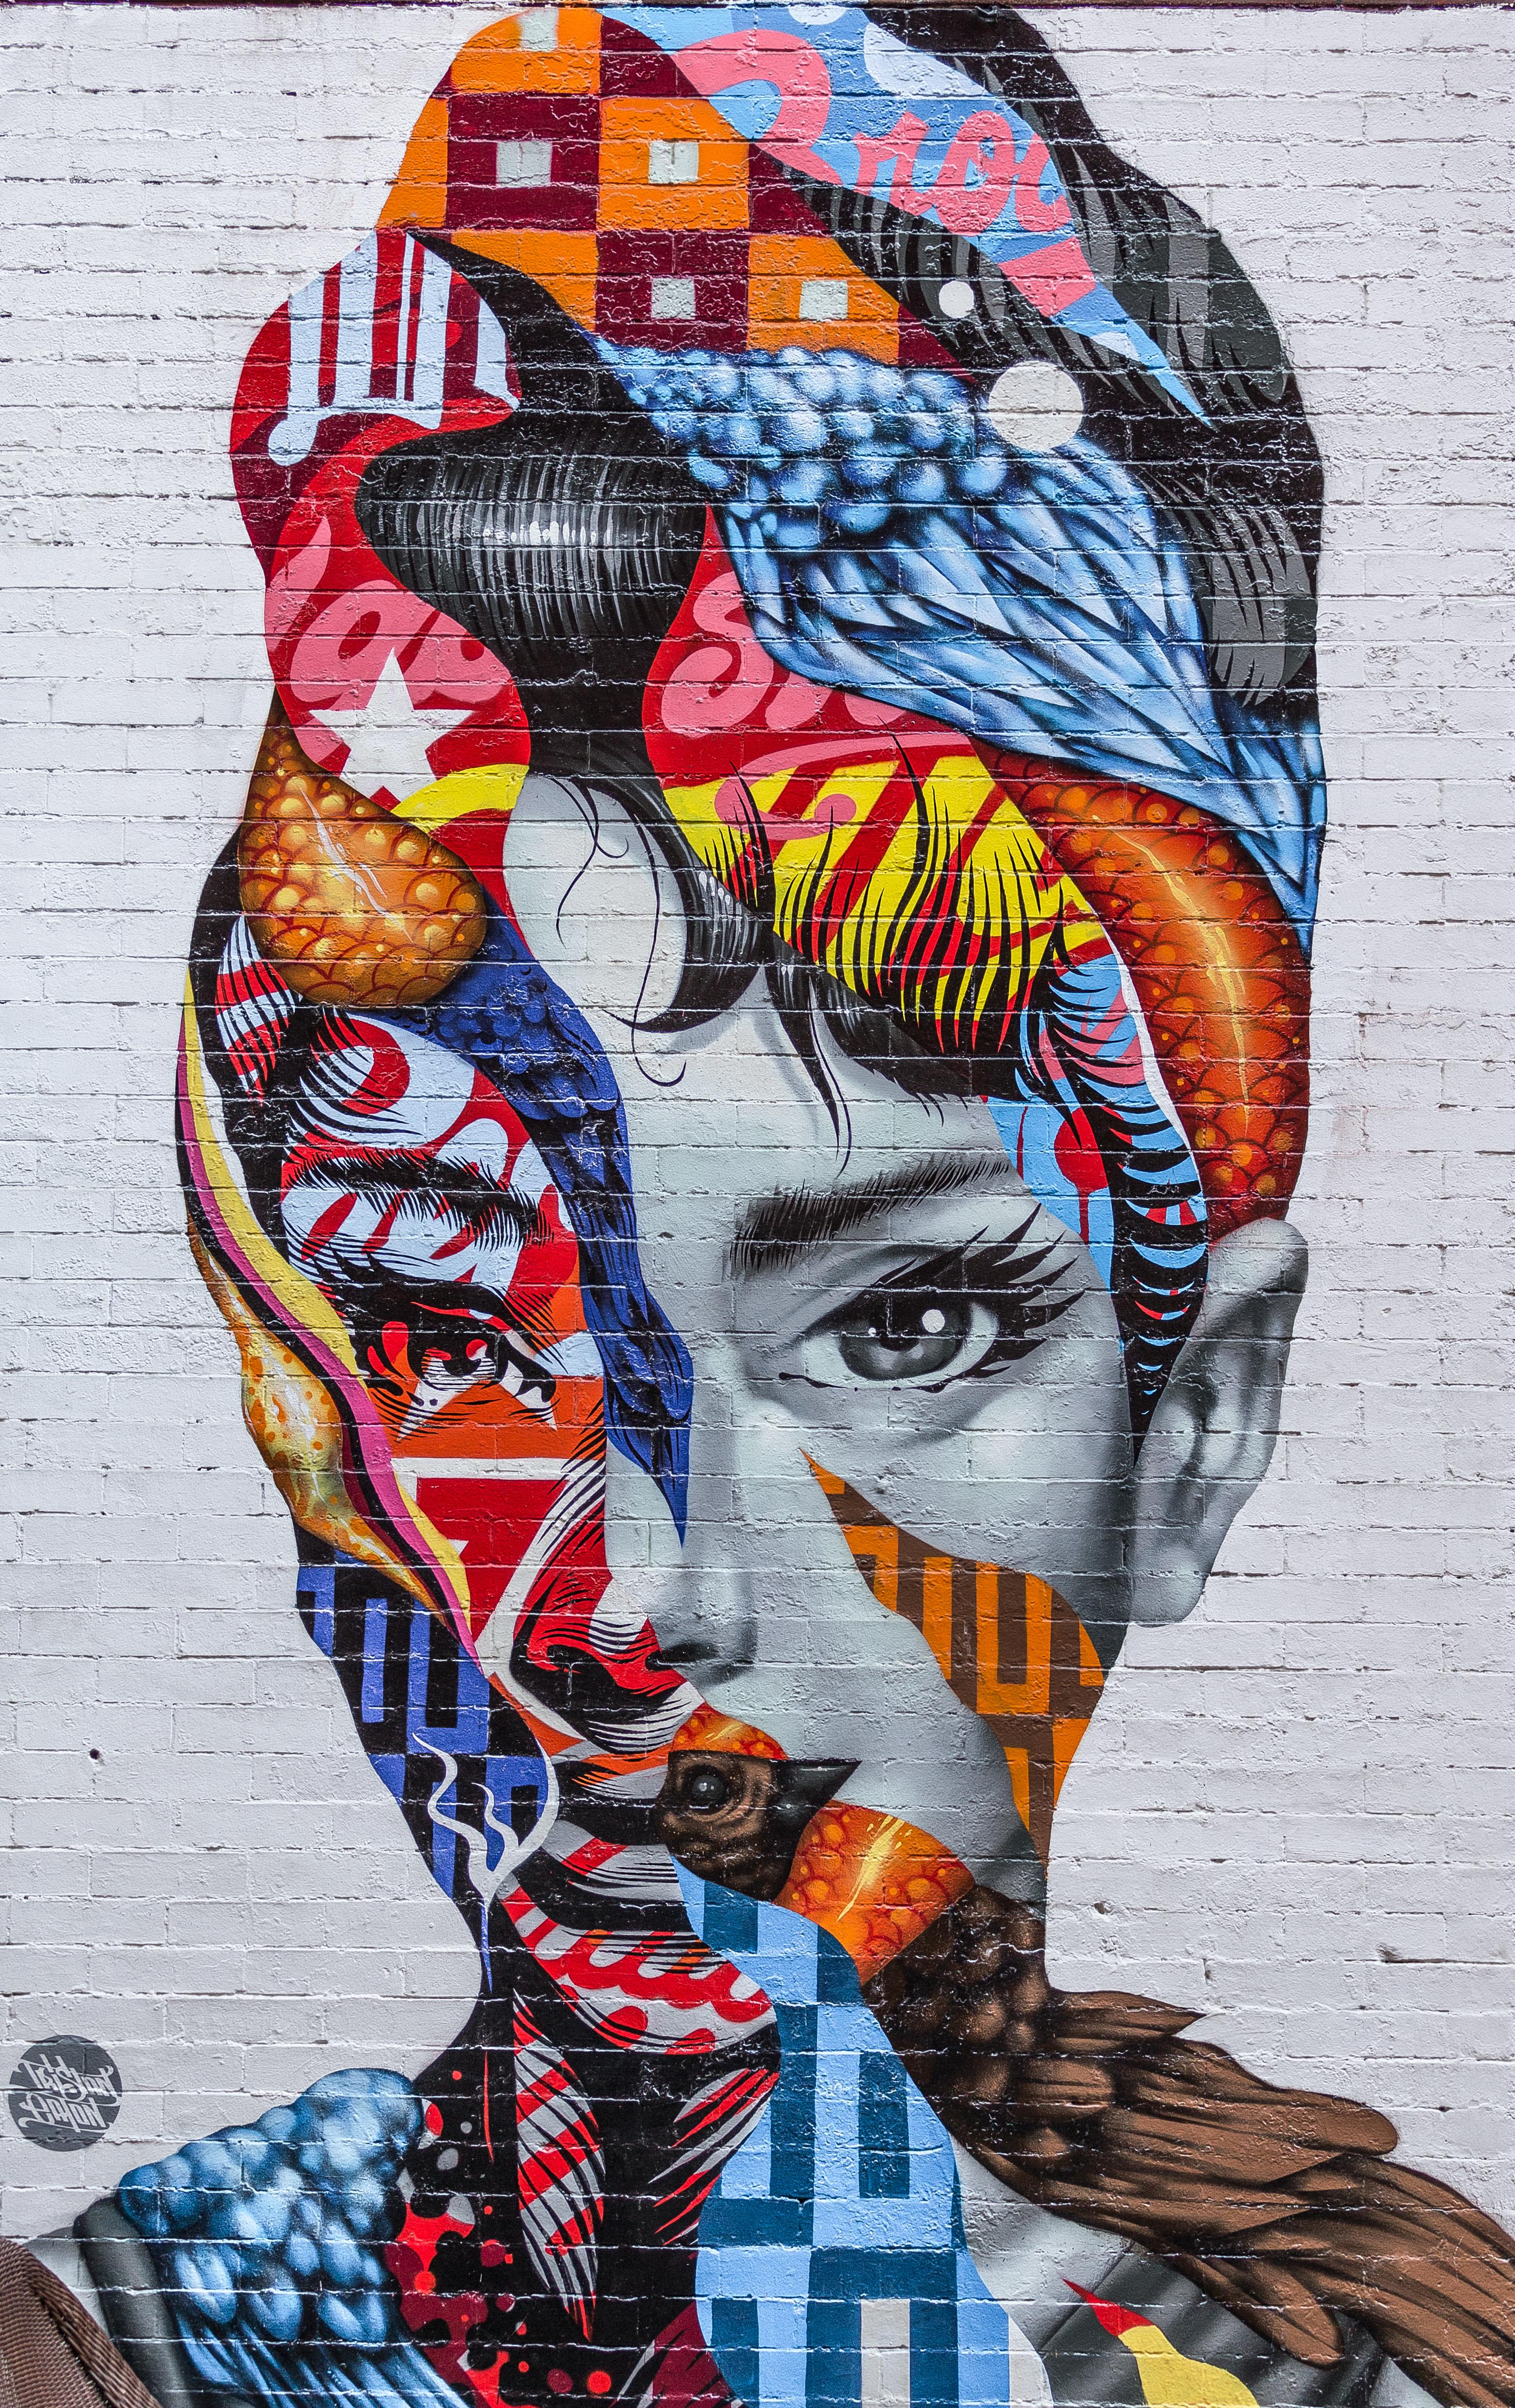 NYC Street Photography Tony Filson